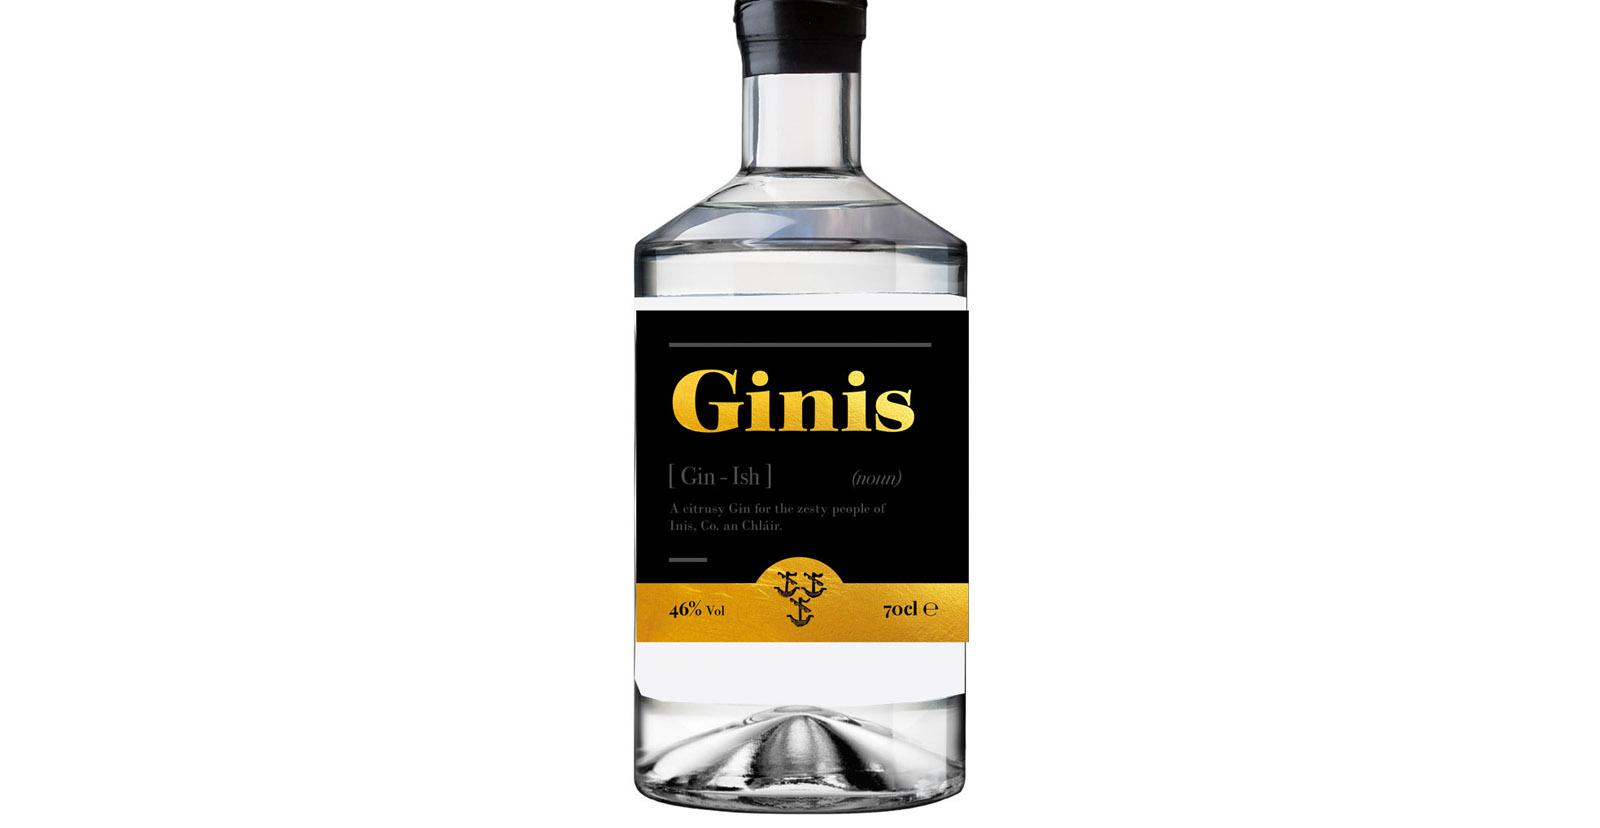 Ginis